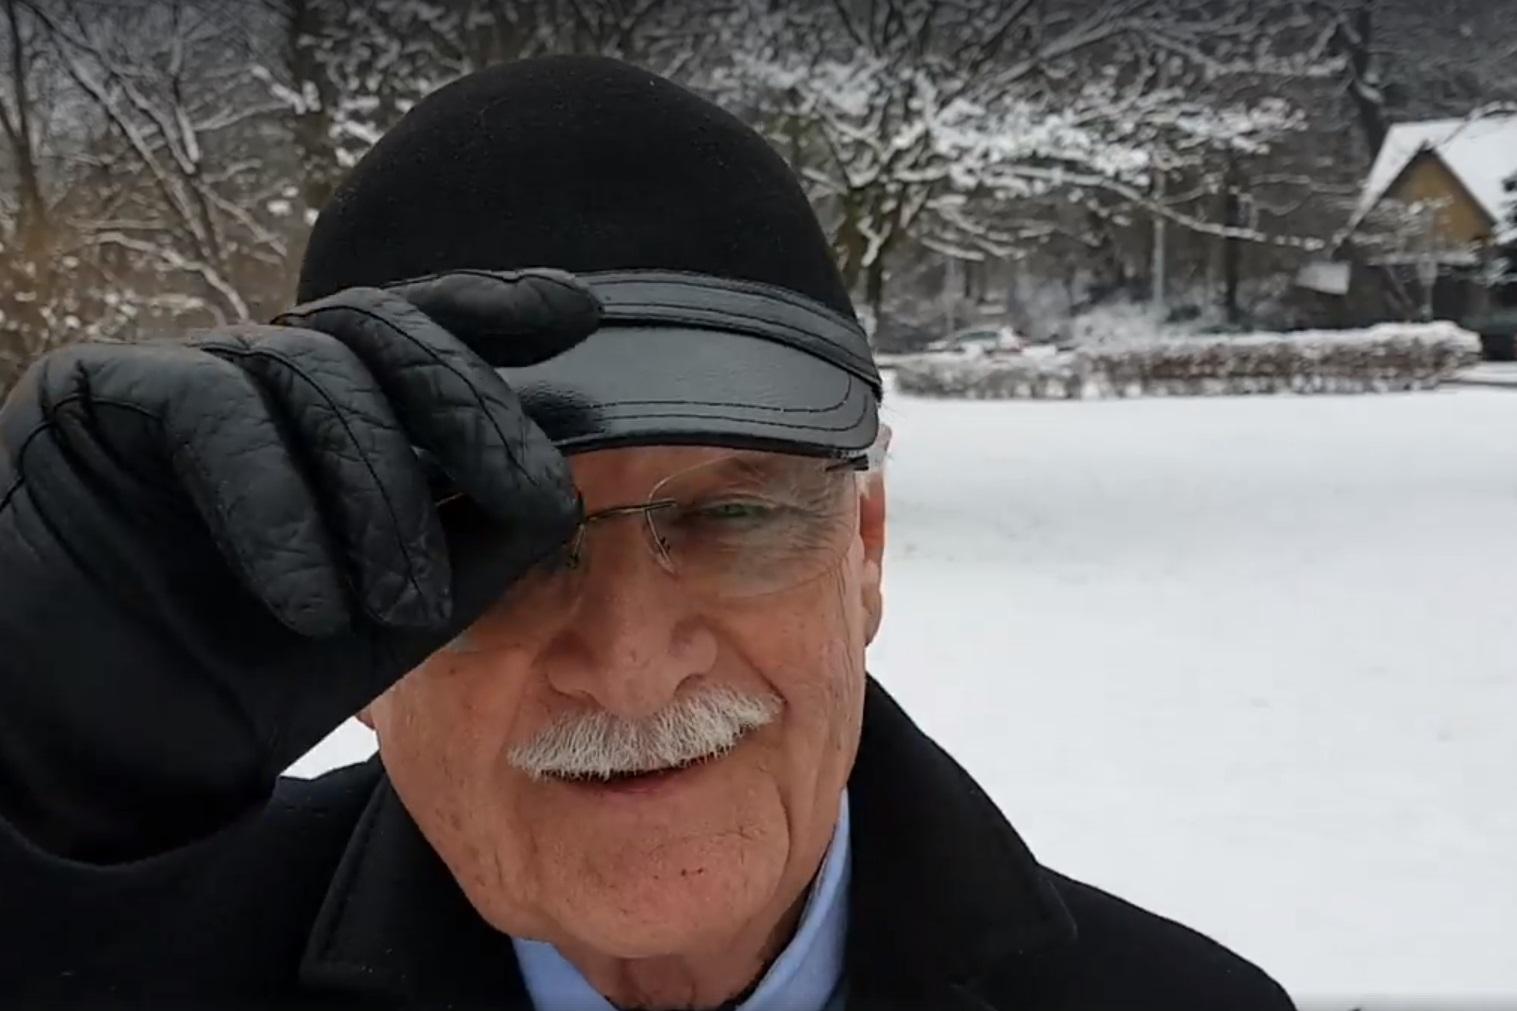 Balázs Péter egy újabb pompás kampányvideóban emeli meg a kalapját Varga Mihály előtt